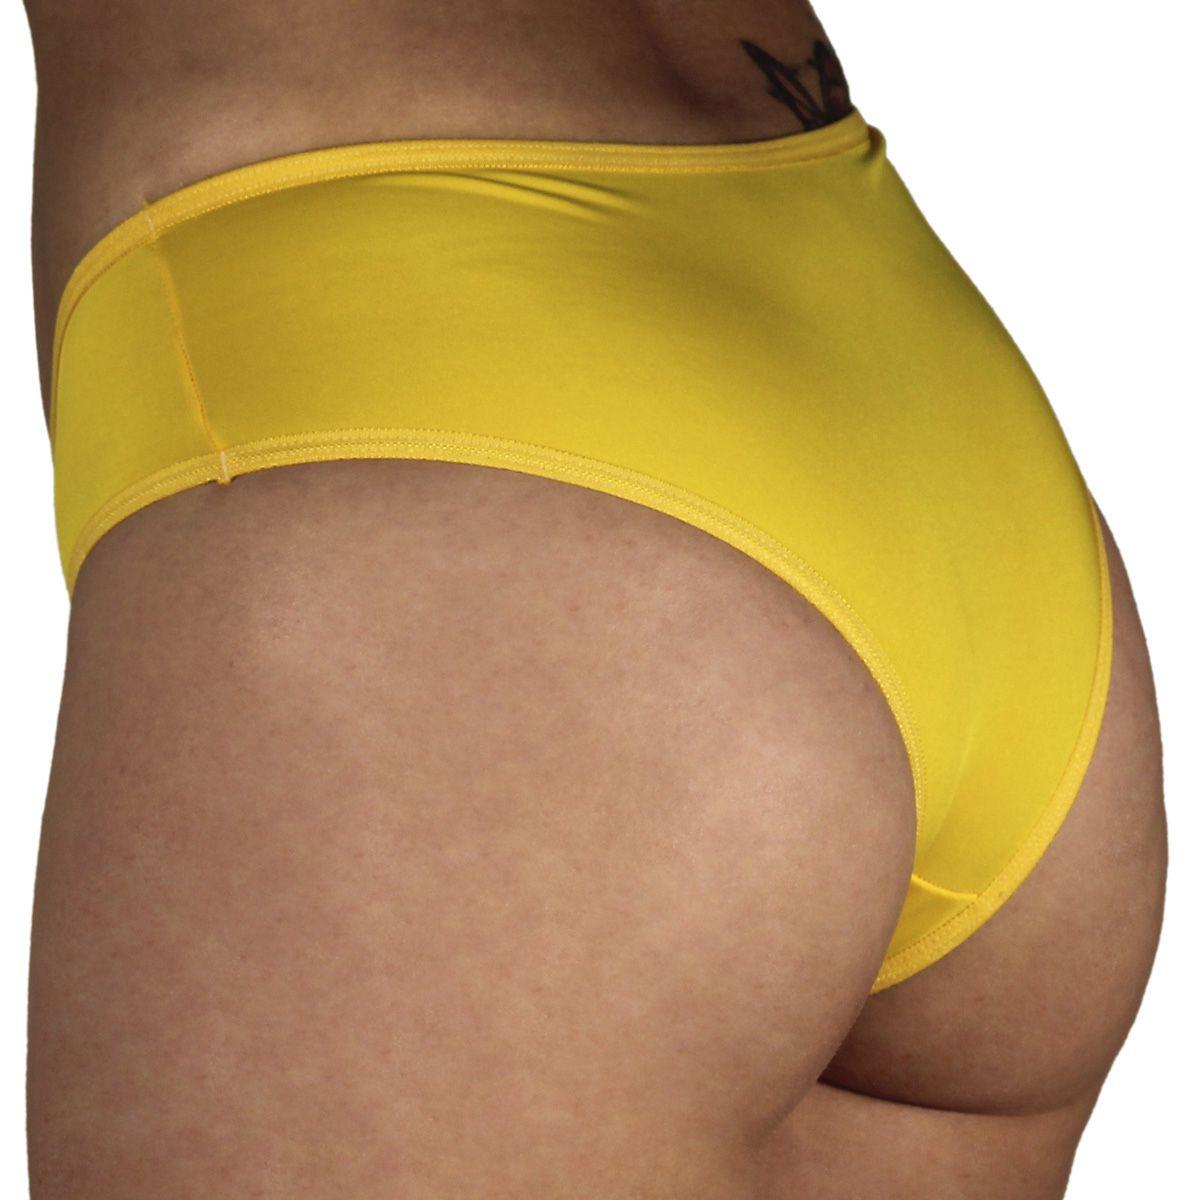 Kit Com 2 Modelos De Calcinhas Premium Promoção Especial - By Sex Lingerie